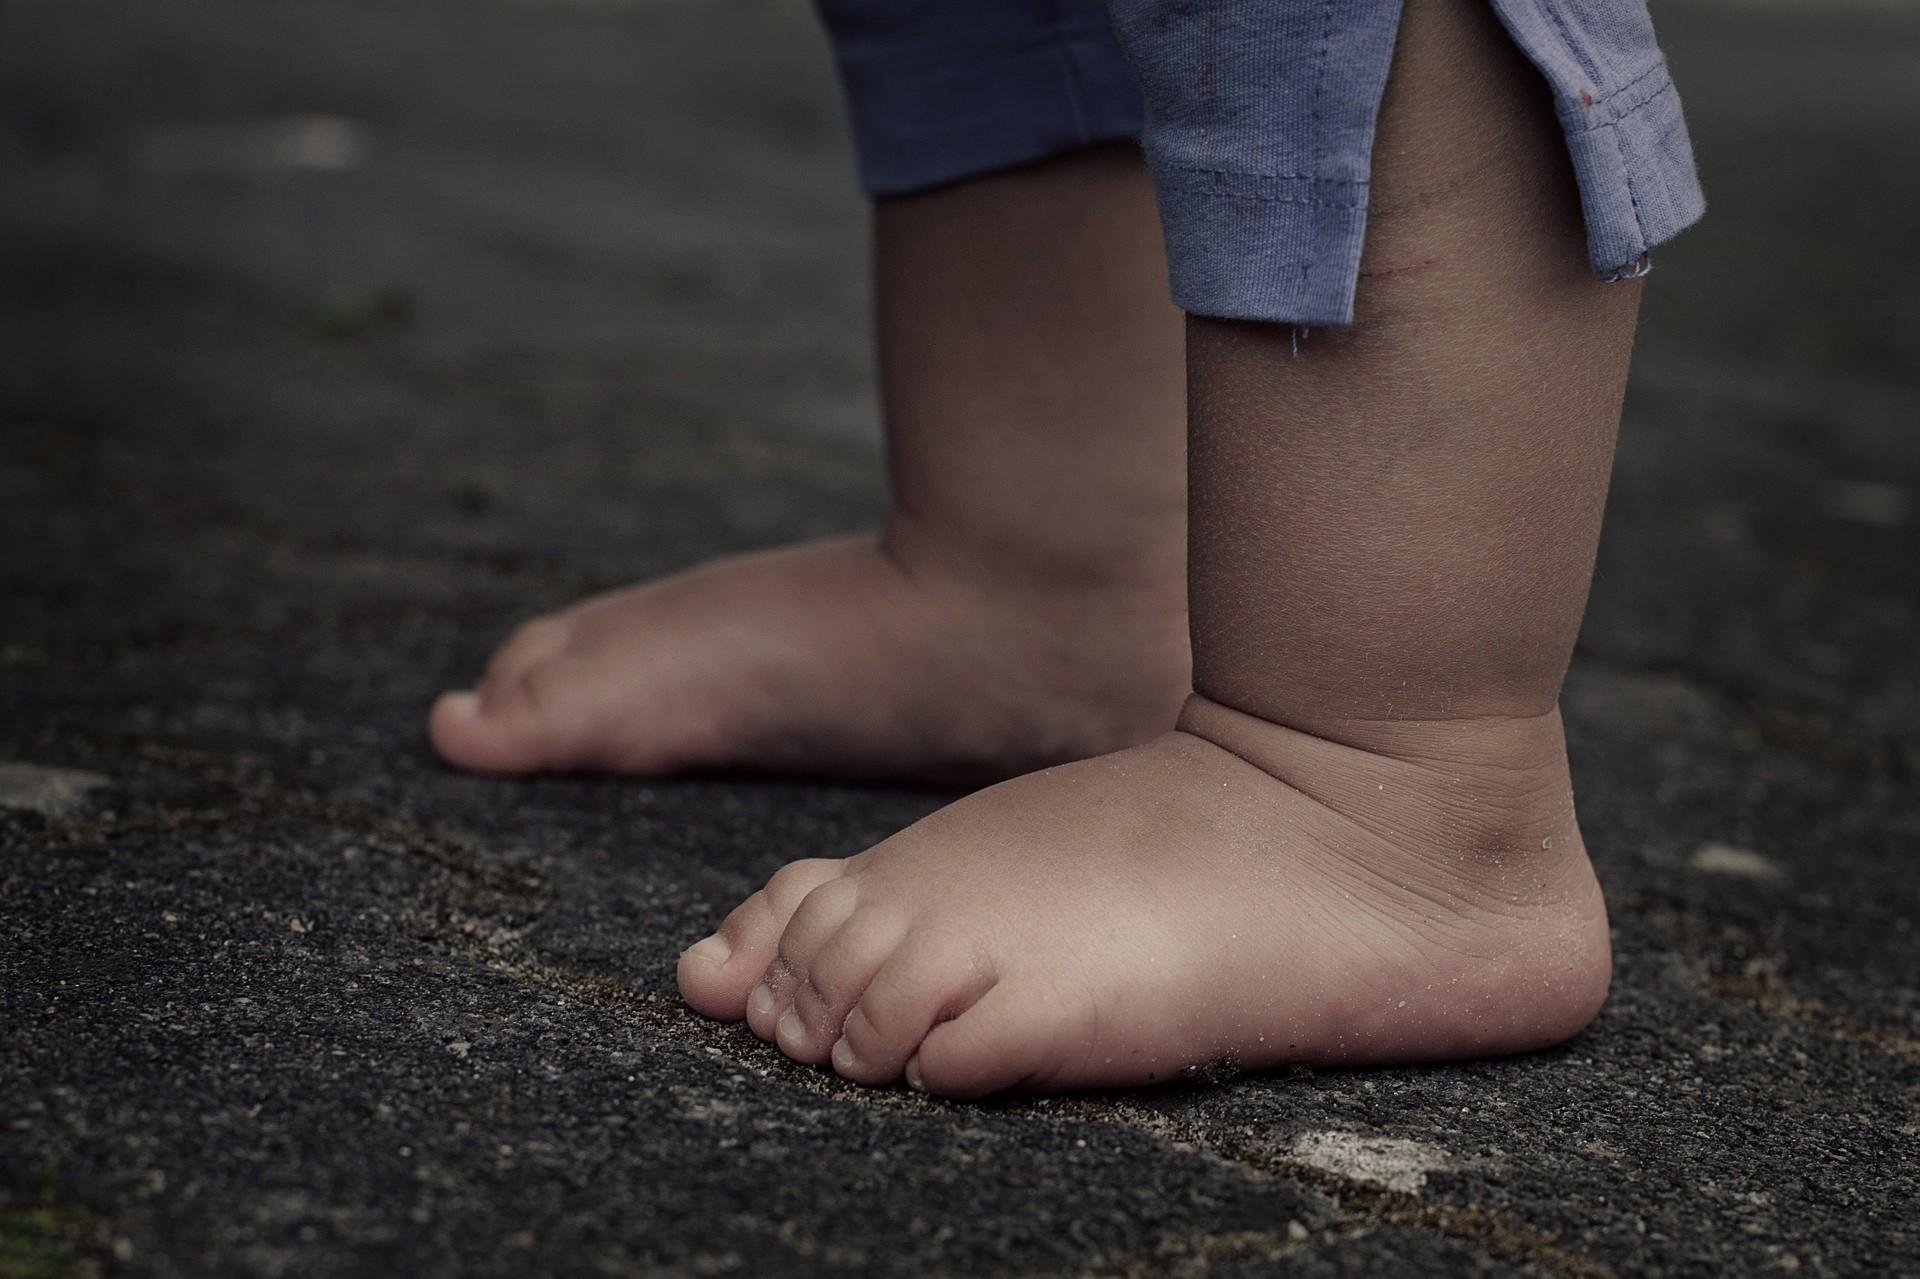 ▲嬰靈,小孩,幼童。(圖/取自免費圖庫Pixabay)